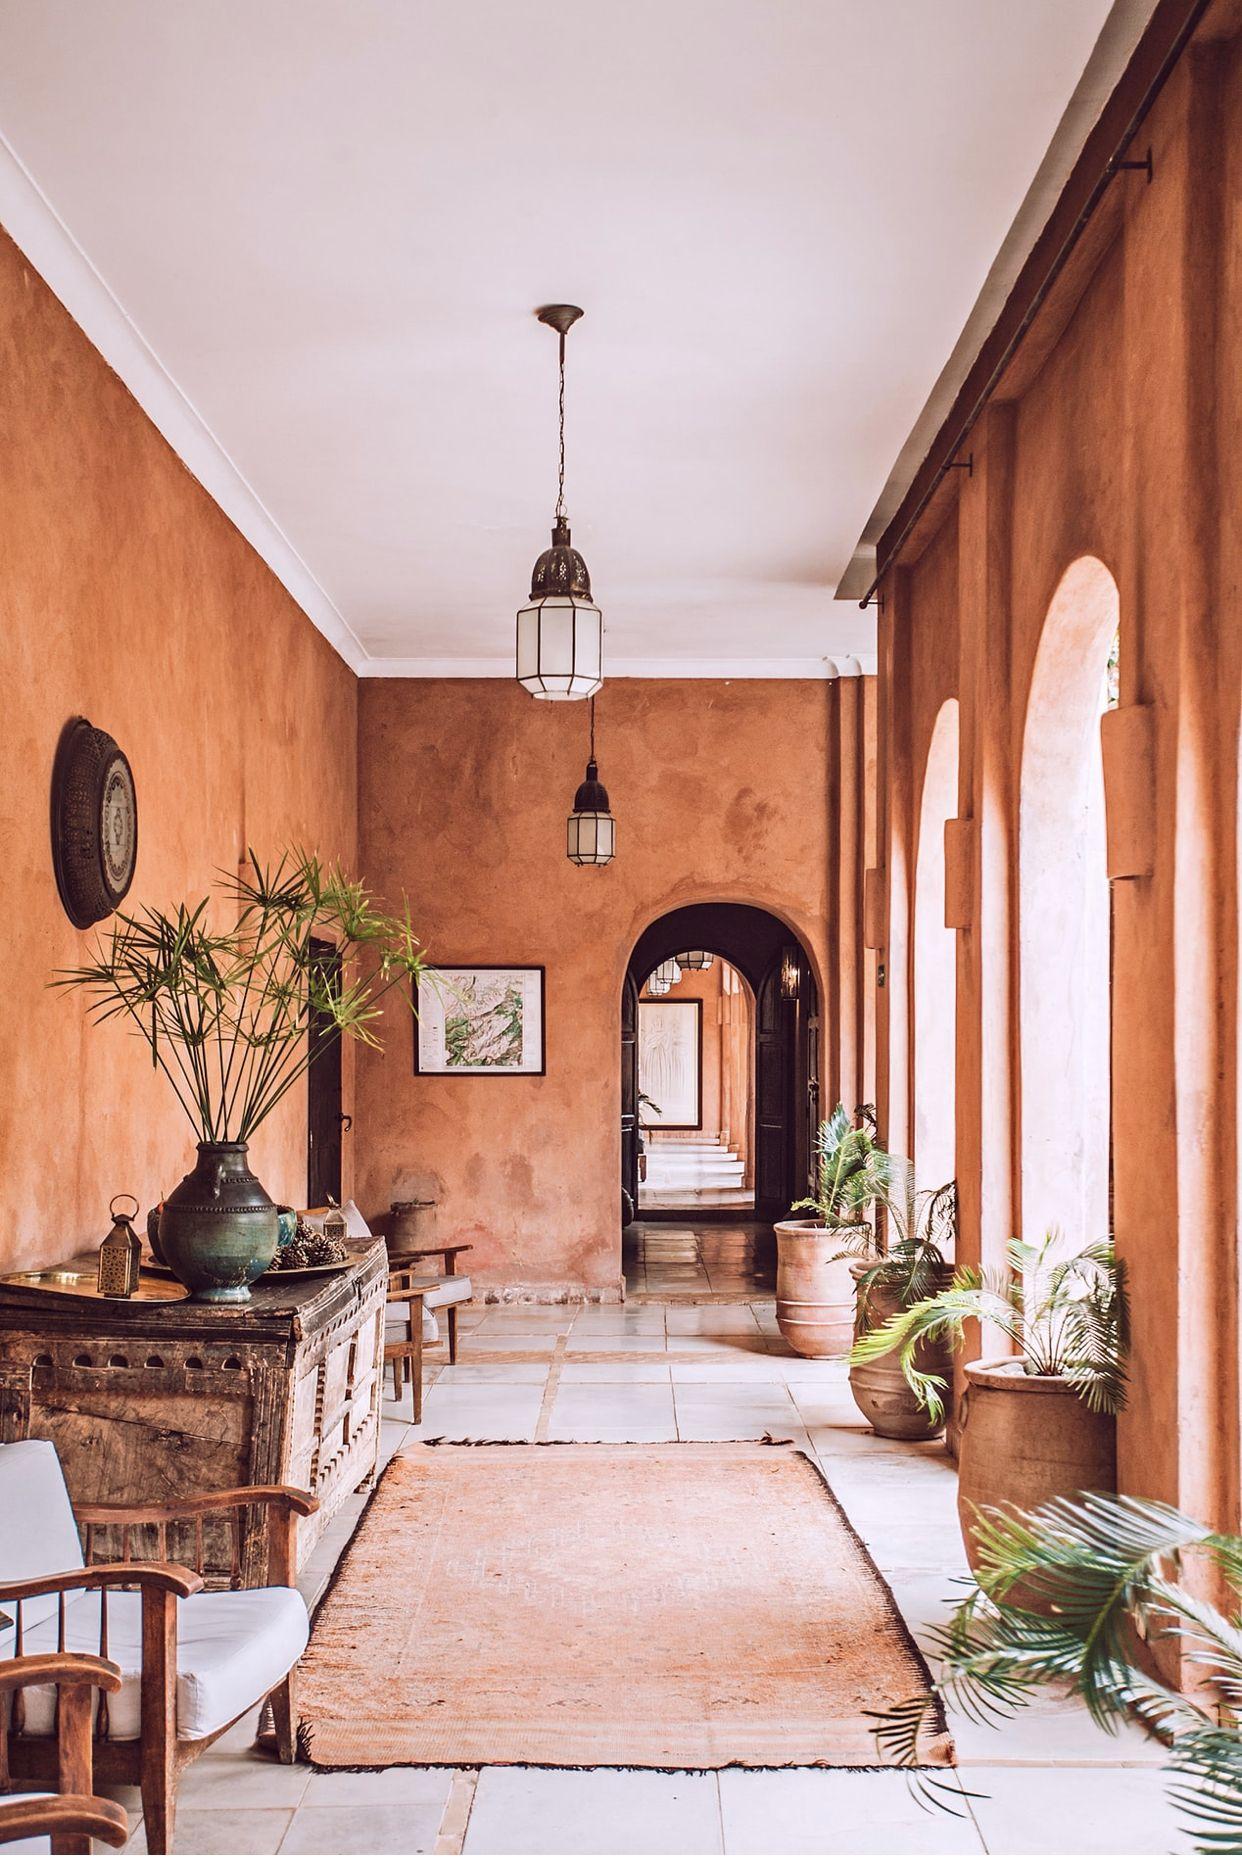 Morocco Spanish Interior Design Mediterranean Home Decor